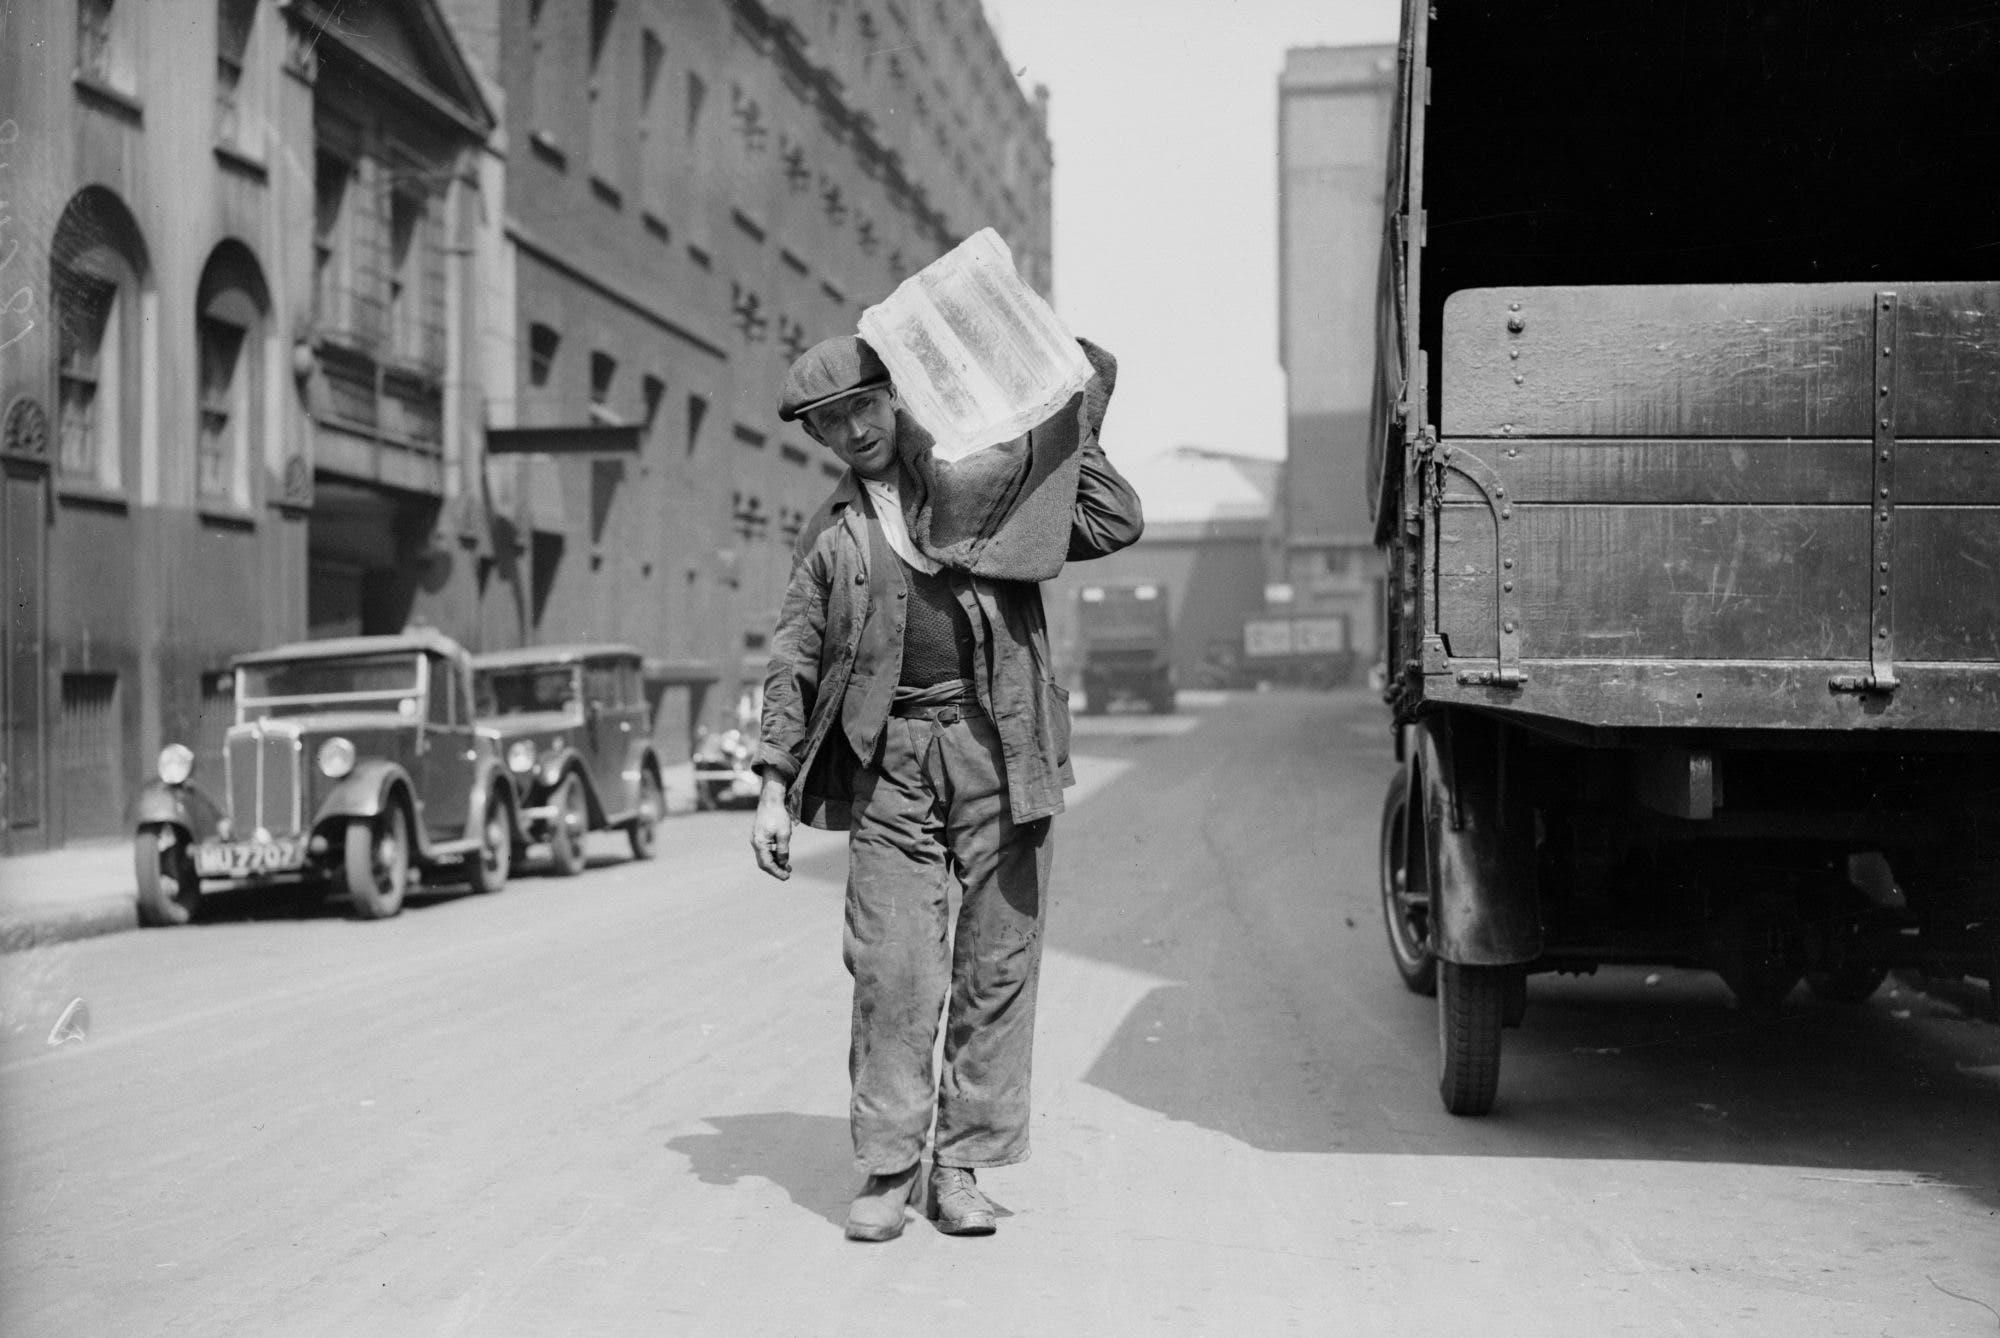 رجل أميركي وهو يحمل مكعب ثلج على كتفه أثناء موجة الحر عام 1936